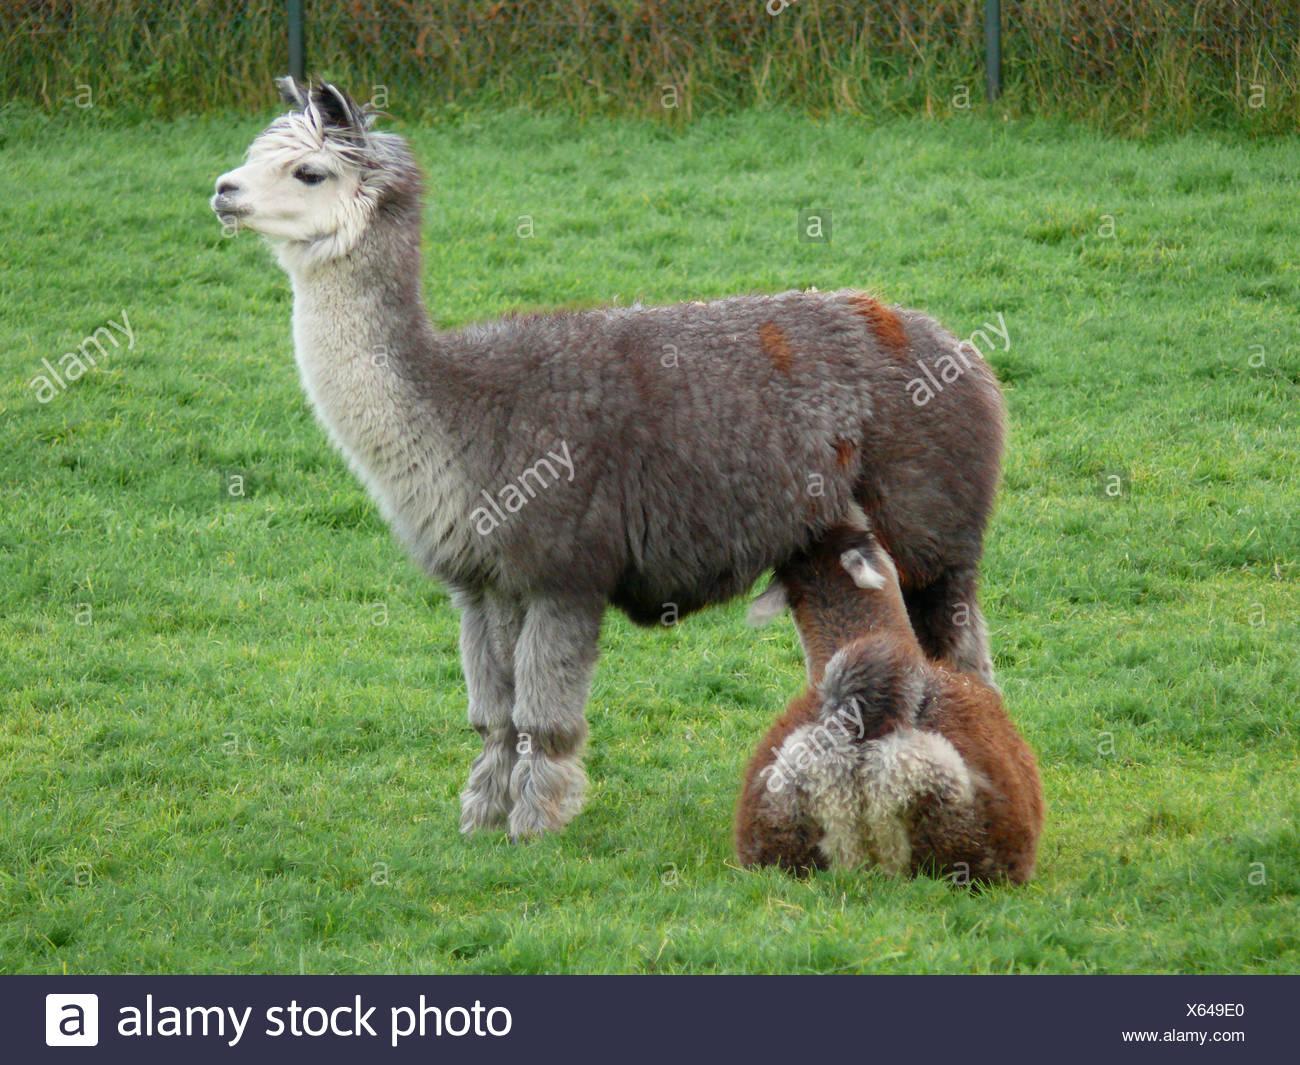 alpaca (Lama pacos), mare suckling a foal - Stock Image